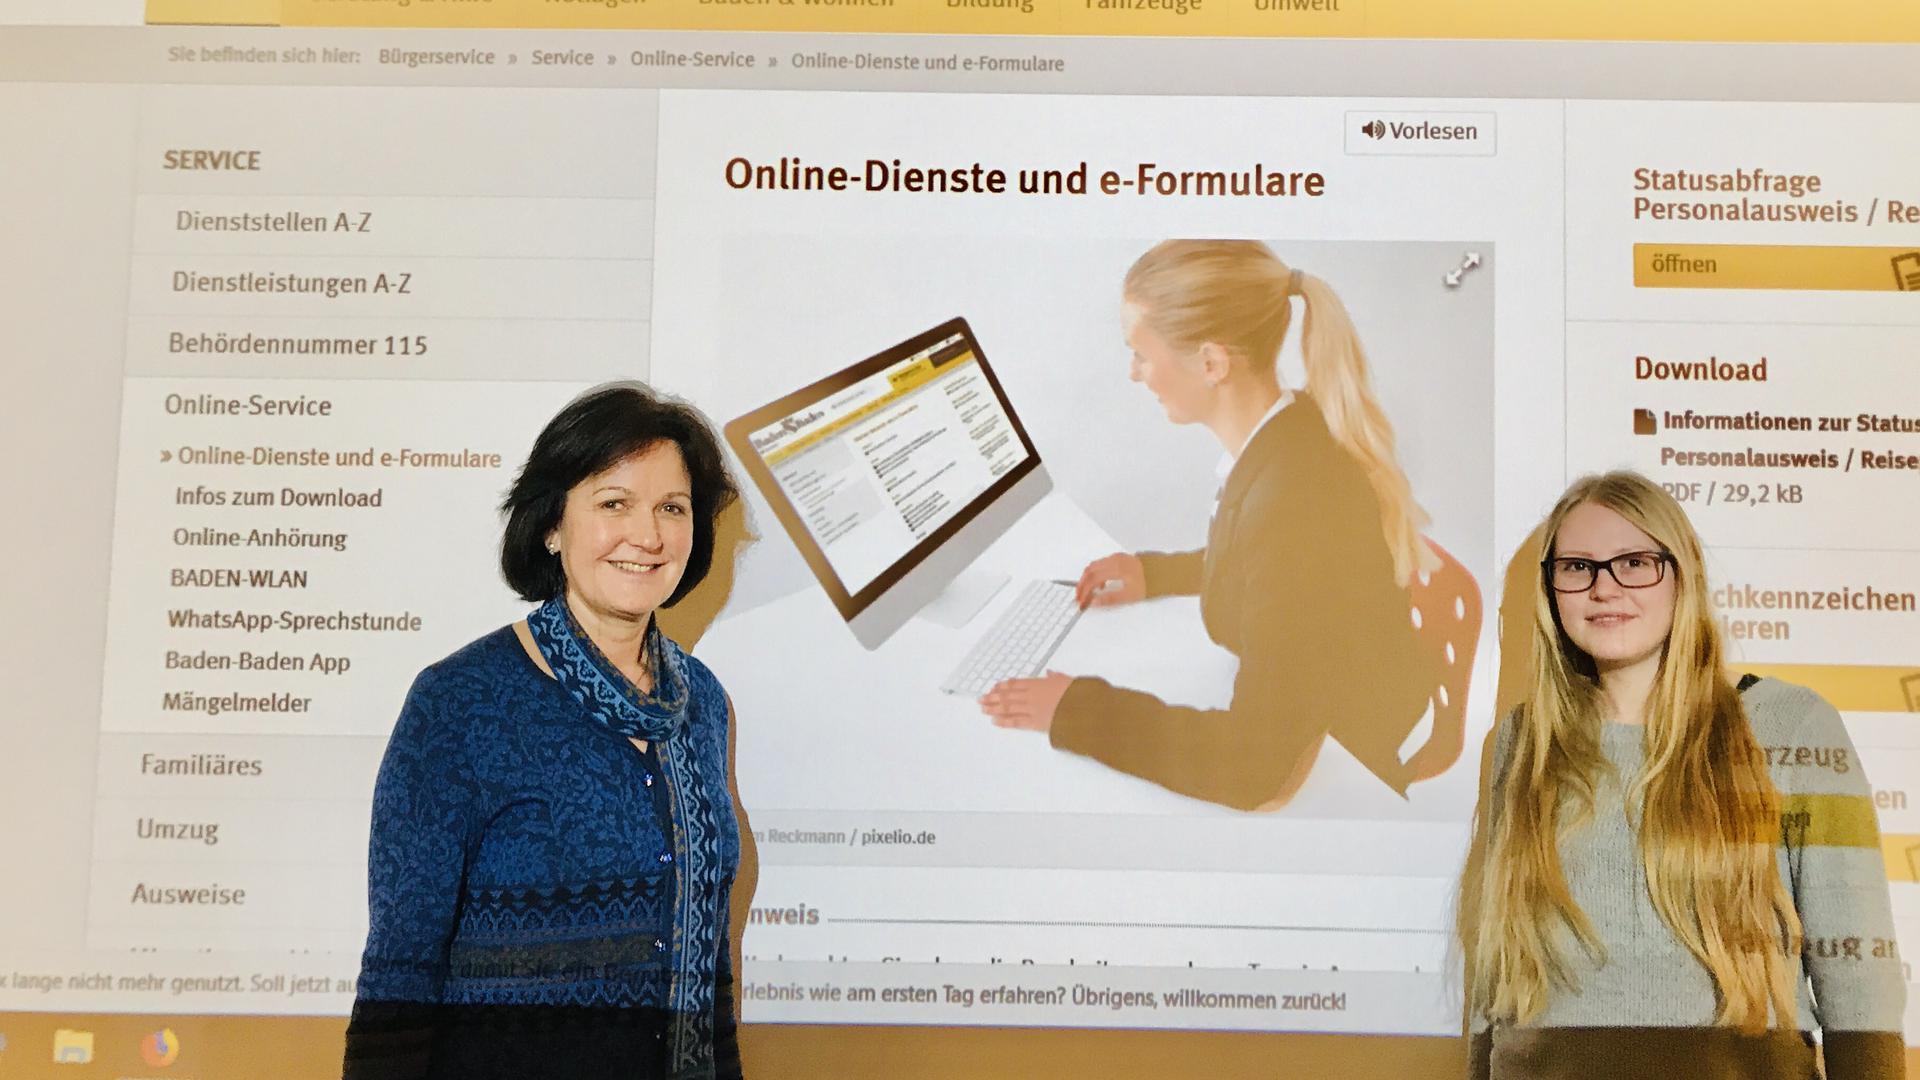 Oberbürgermeisterin Margret Mergen (links) und die Internetredakteurin der Stadt Baden-Baden, Hanna Matwich, stehen vor einer an eine Wand projizierte Ansicht der Homepage der Bäderstadt mit Online-Diensten und e-Formularen.